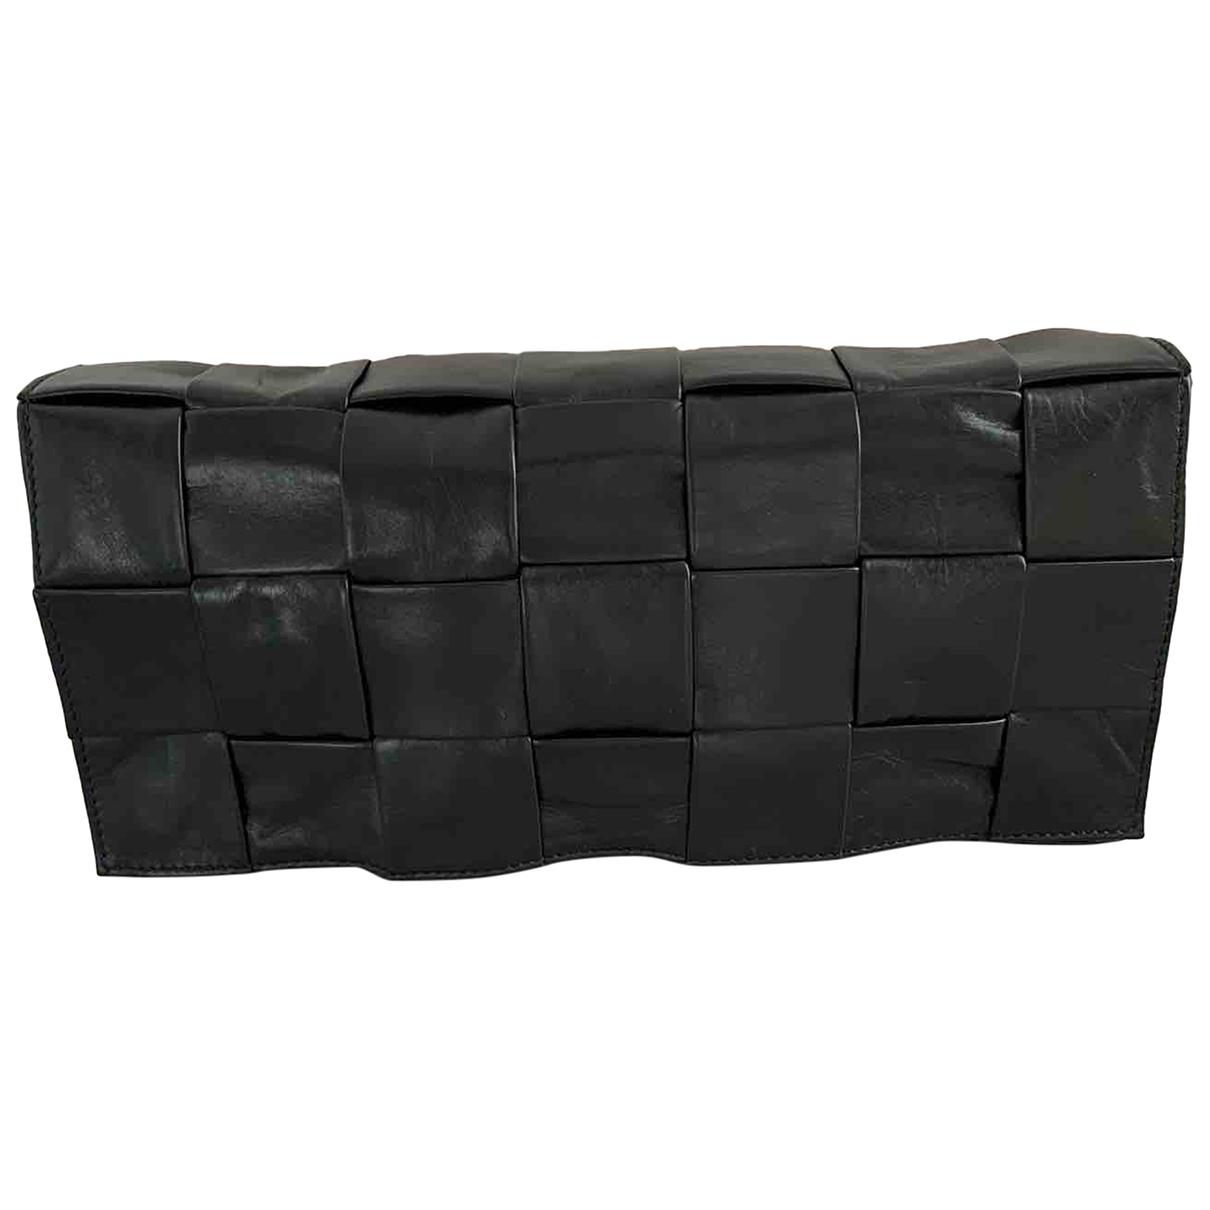 Bottega Veneta N Black Pony-style calfskin handbag for Women N